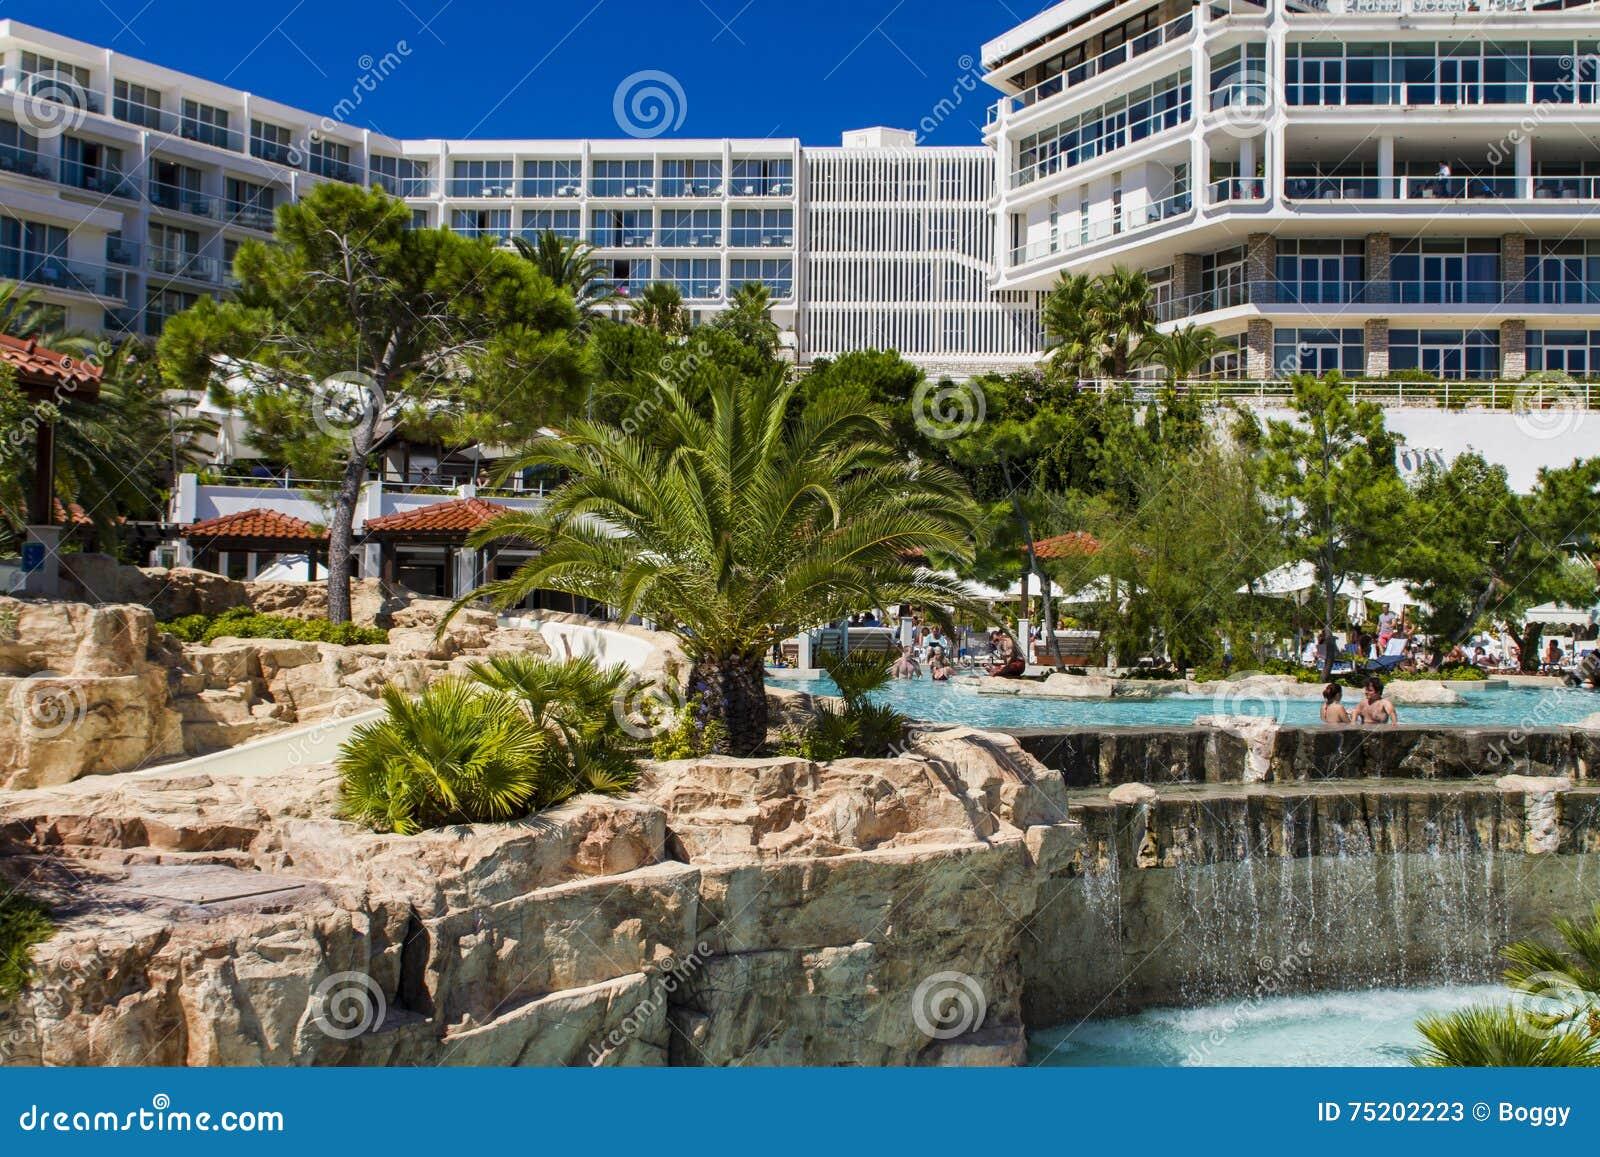 Amfora Hotel Bei Hvar Kroatien Redaktionelles Stockfoto Bild